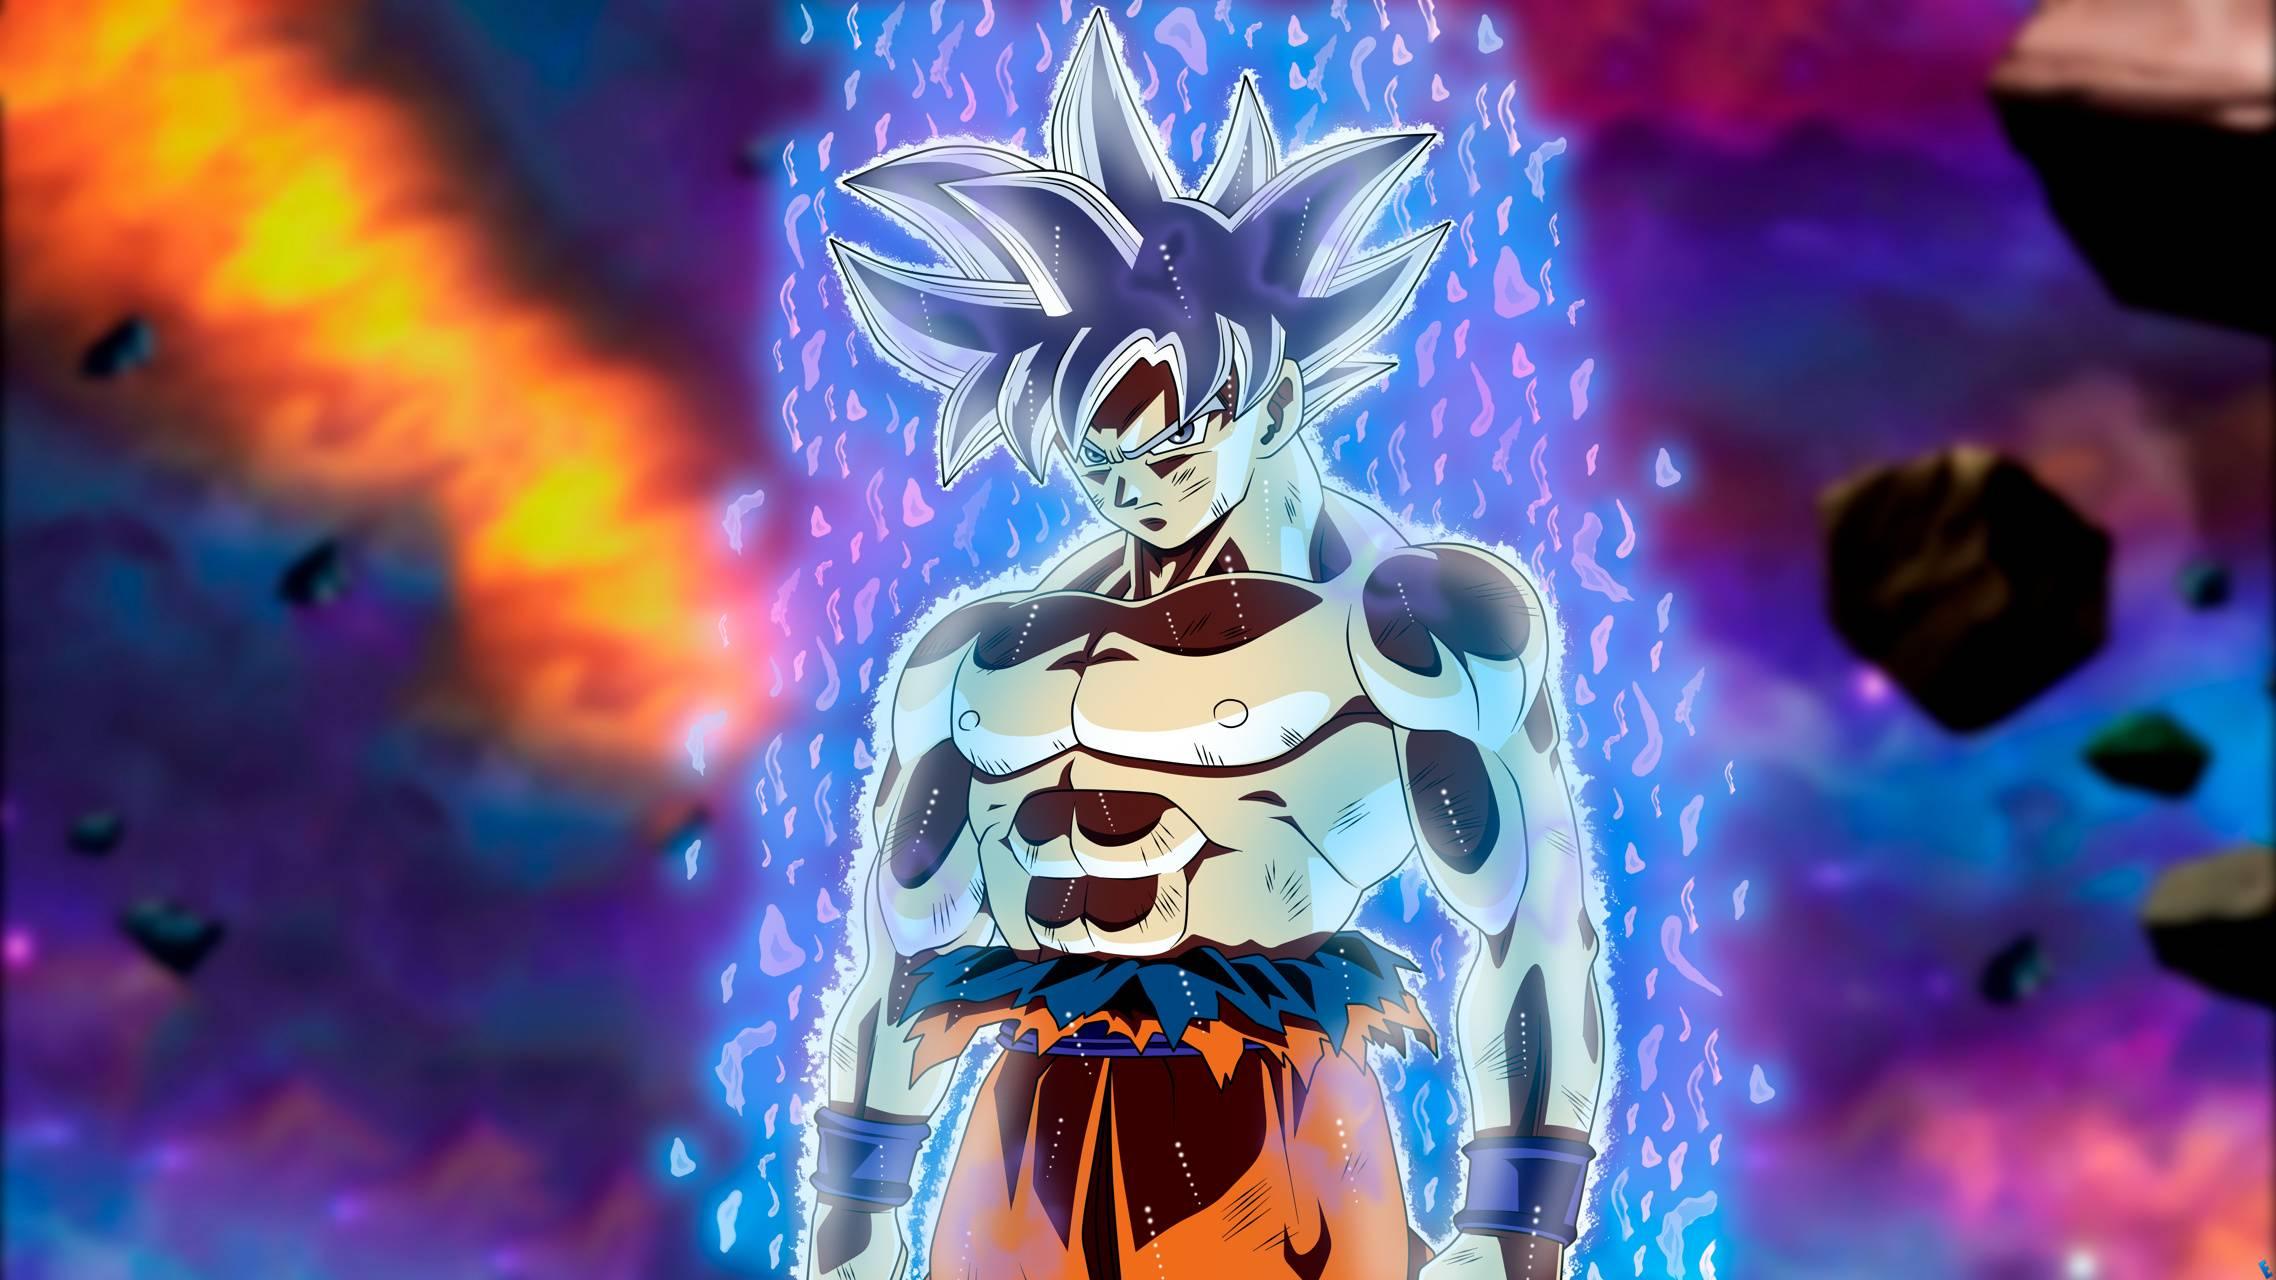 Ultra instict Goku